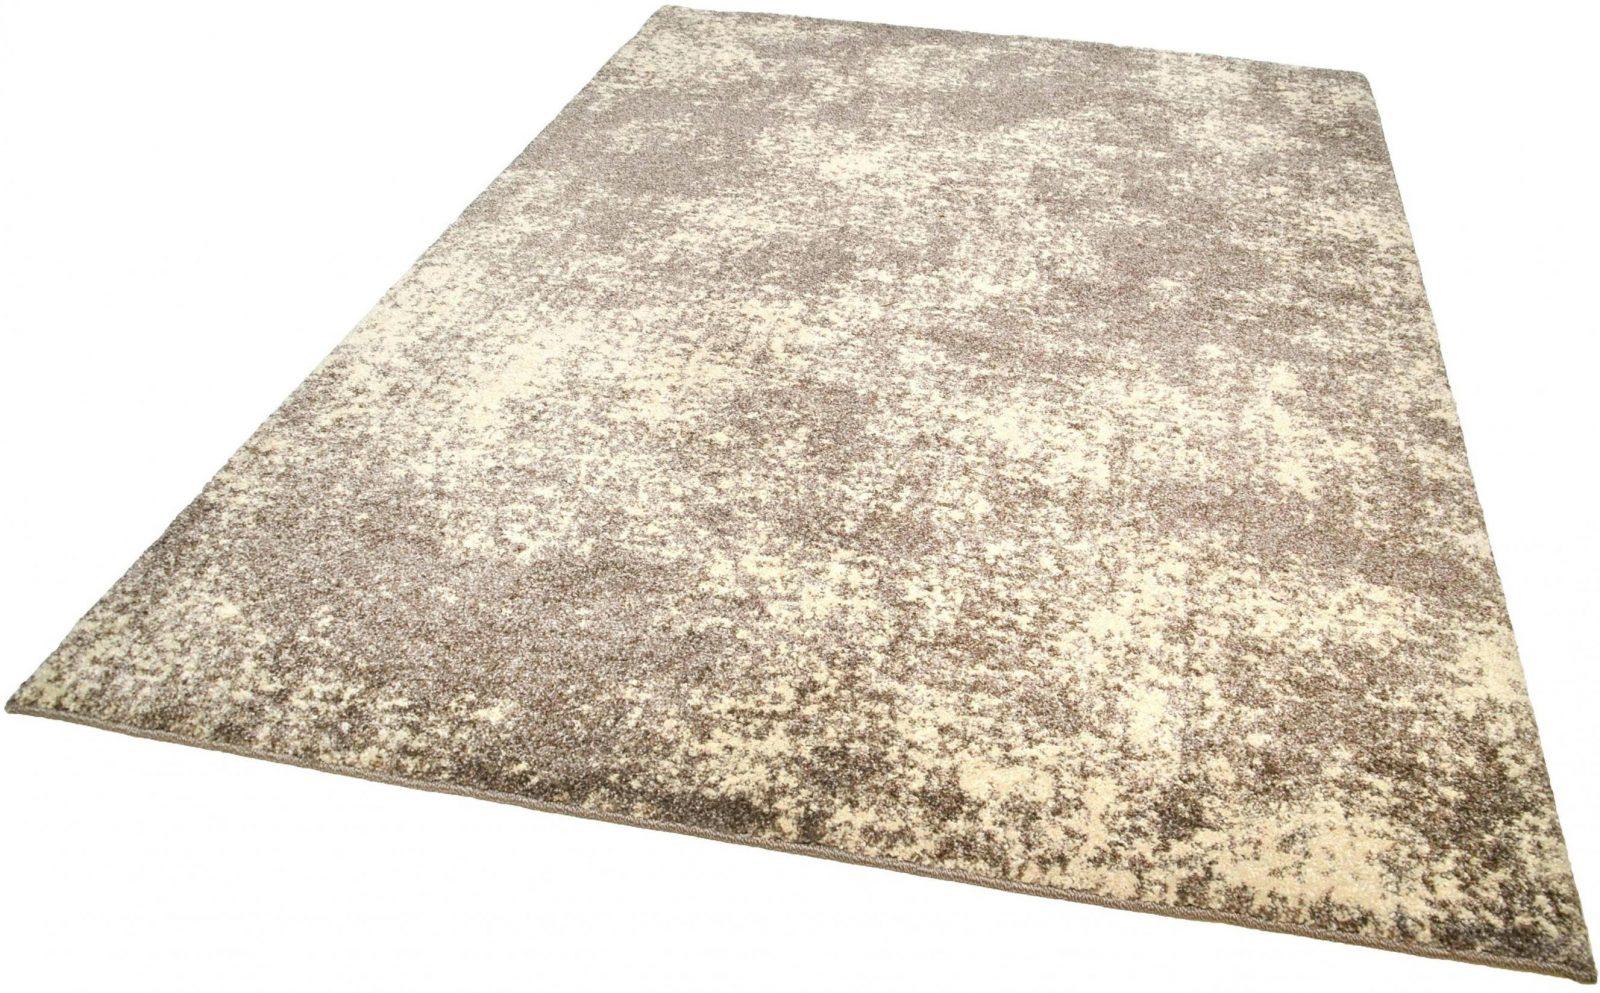 Teppich Auf Raten Beautiful Nett Bett Auf Raten Bestellen von Teppiche Auf Rechnung Trotz Schufa Bild